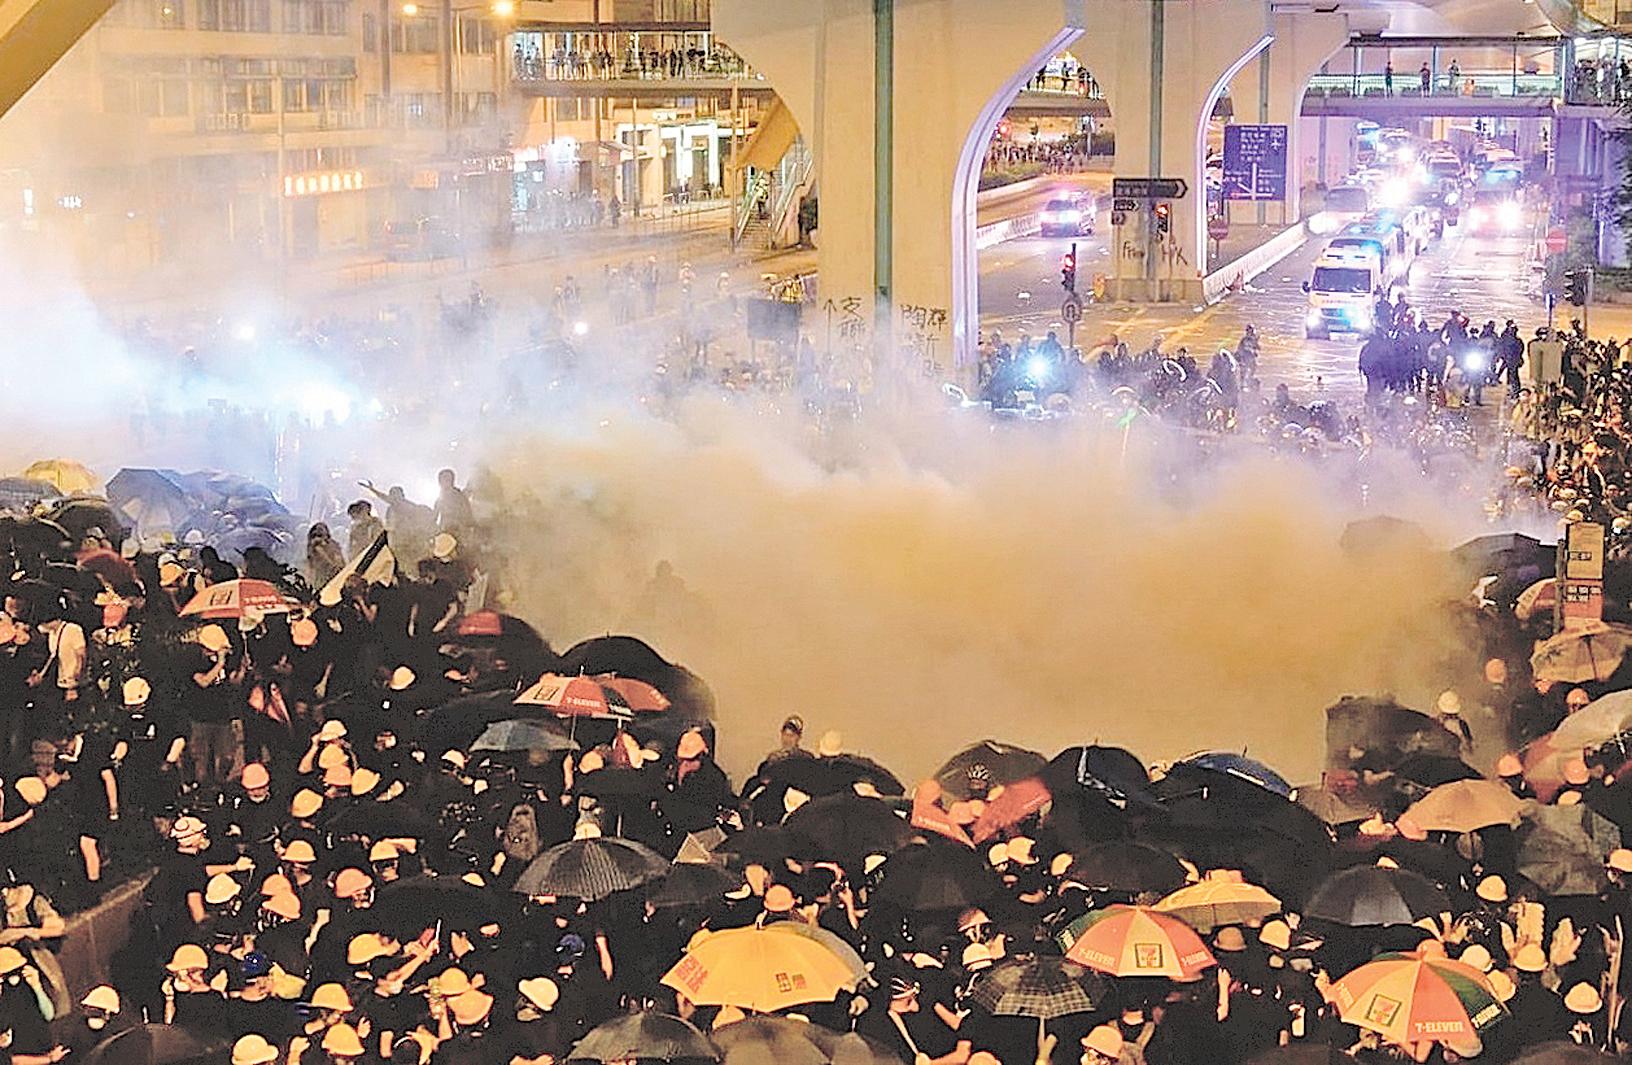 2019年7月27日,元朗大遊行,下午5時後,警民對峙,警方施放催淚彈驅散人群。(龐大衛/大紀元)